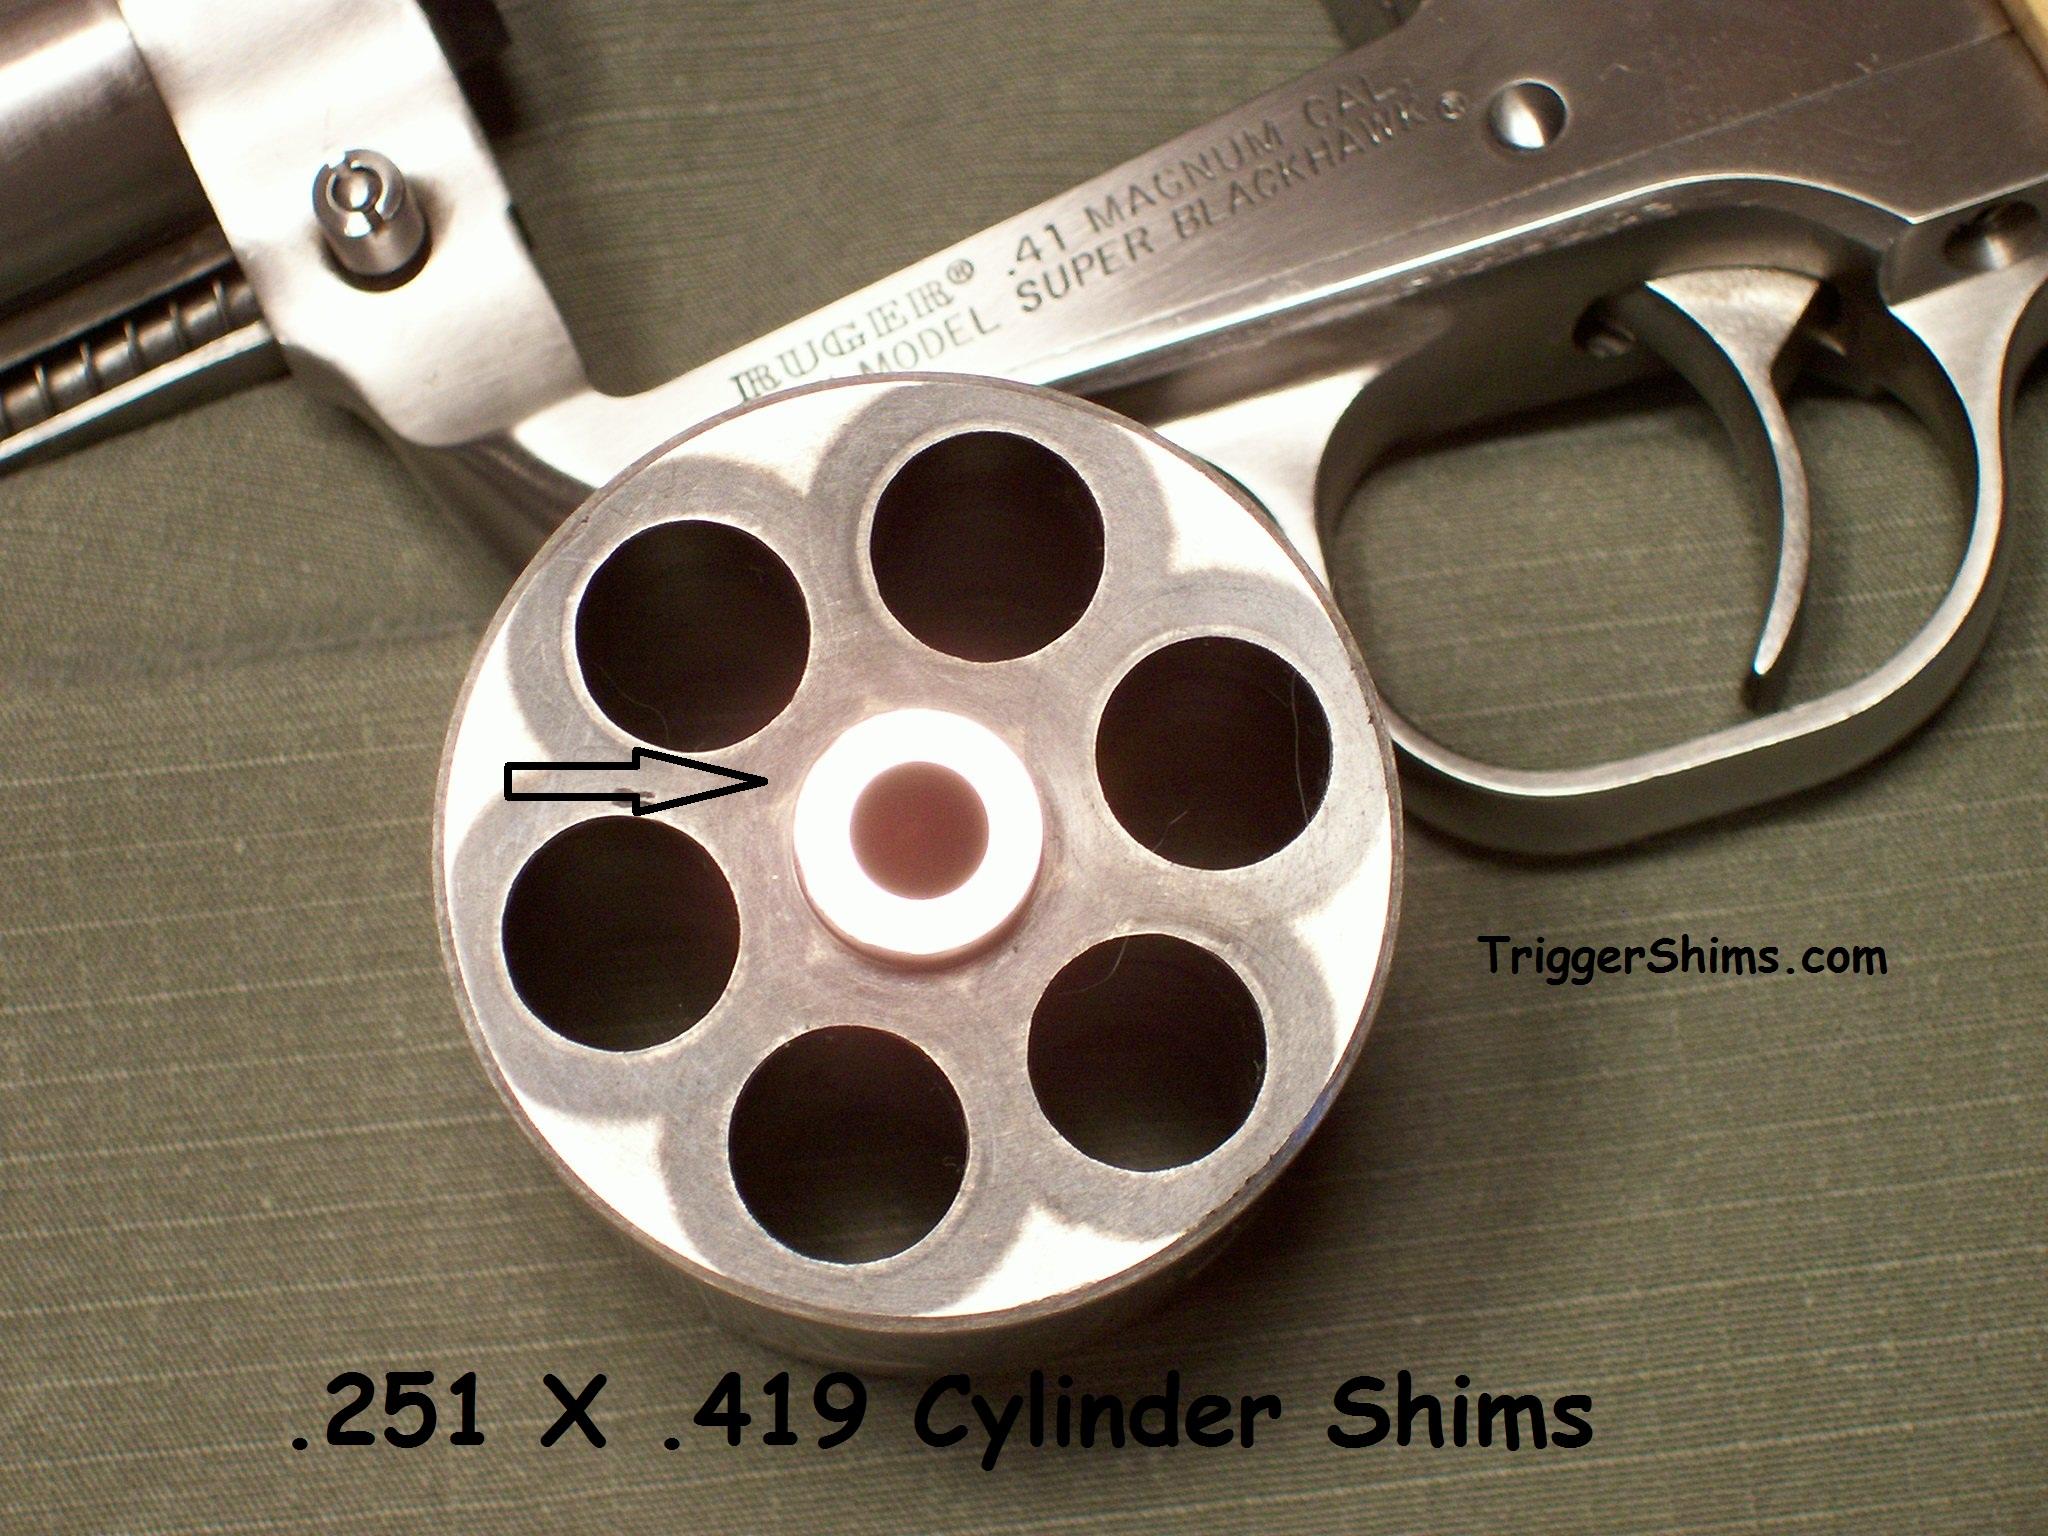 Revolver Cylinder Shims